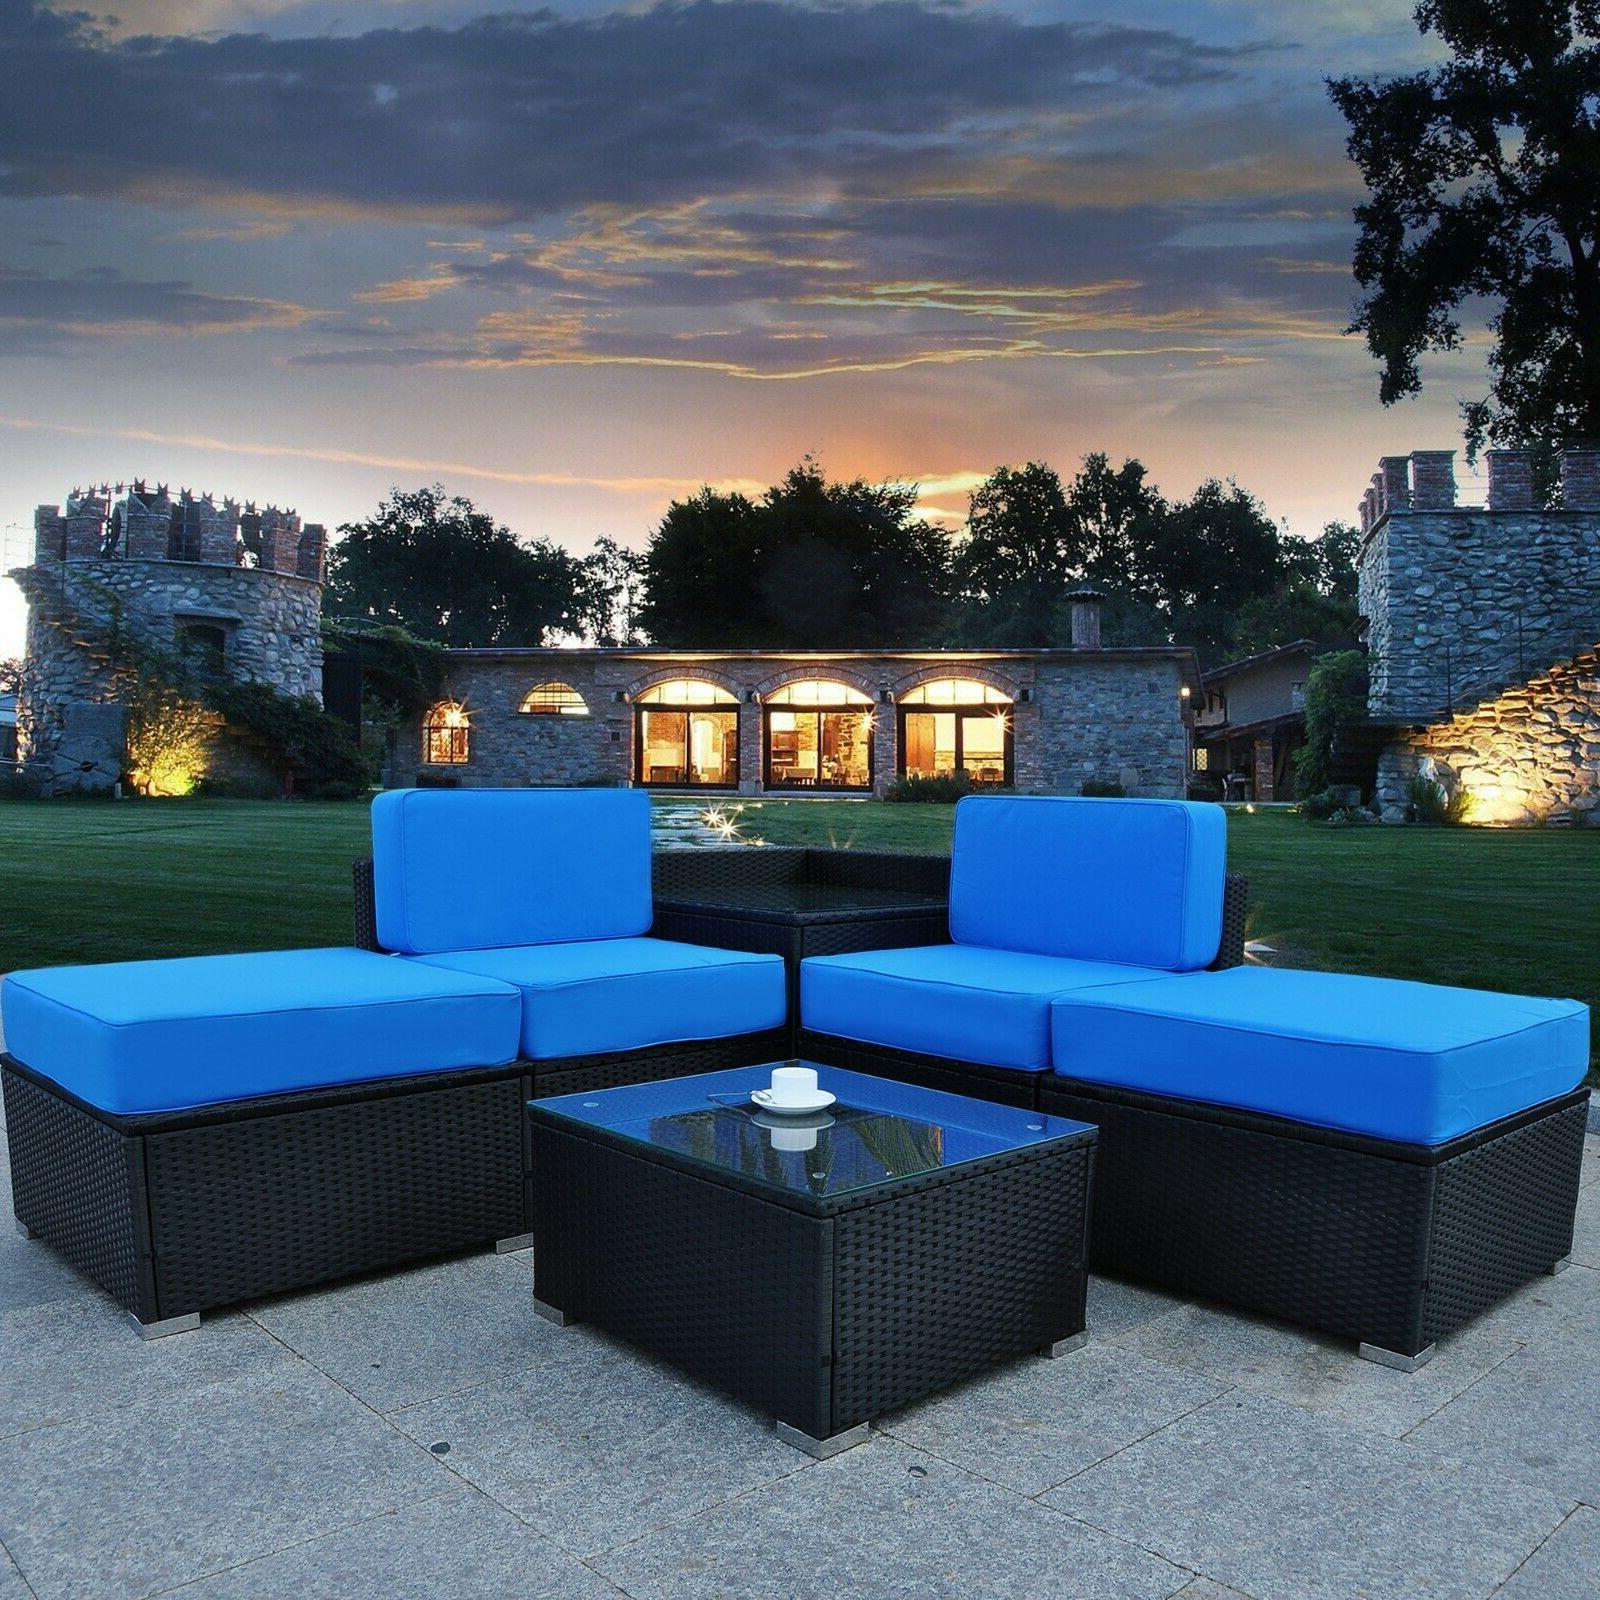 5 pieces patio outdoor wicker rattan sofa